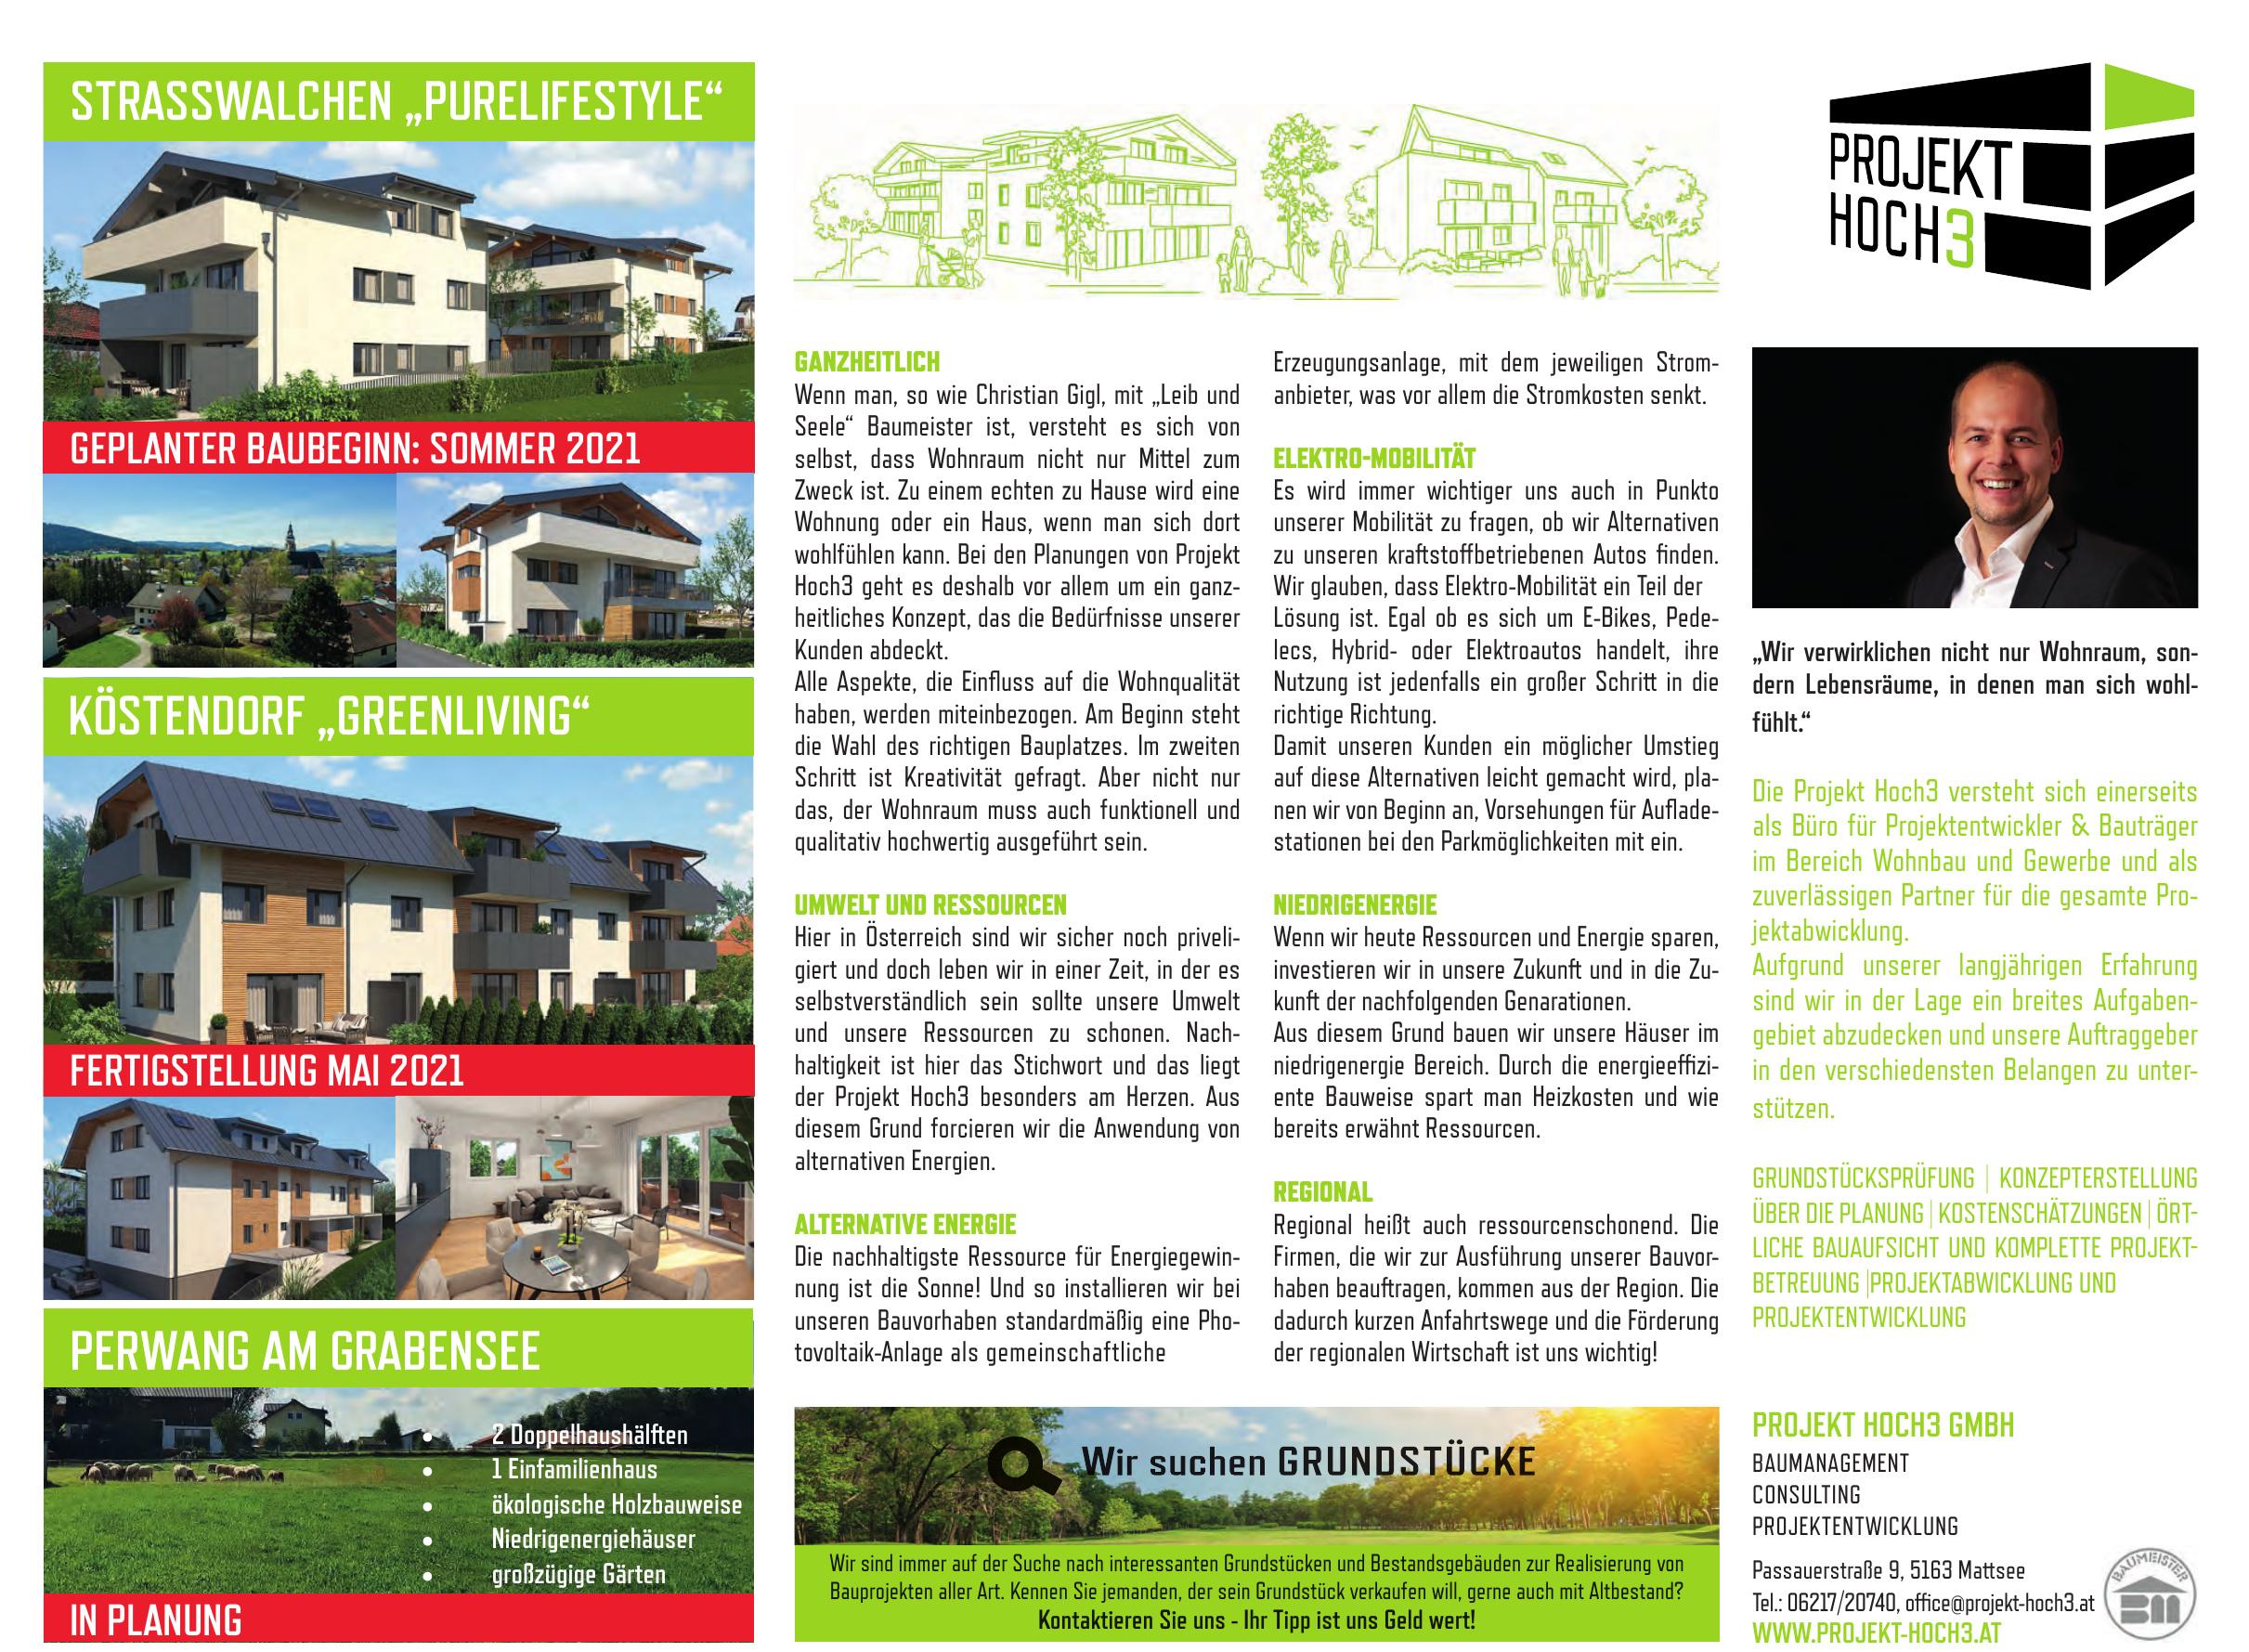 Projekt Hoch3 GmbH